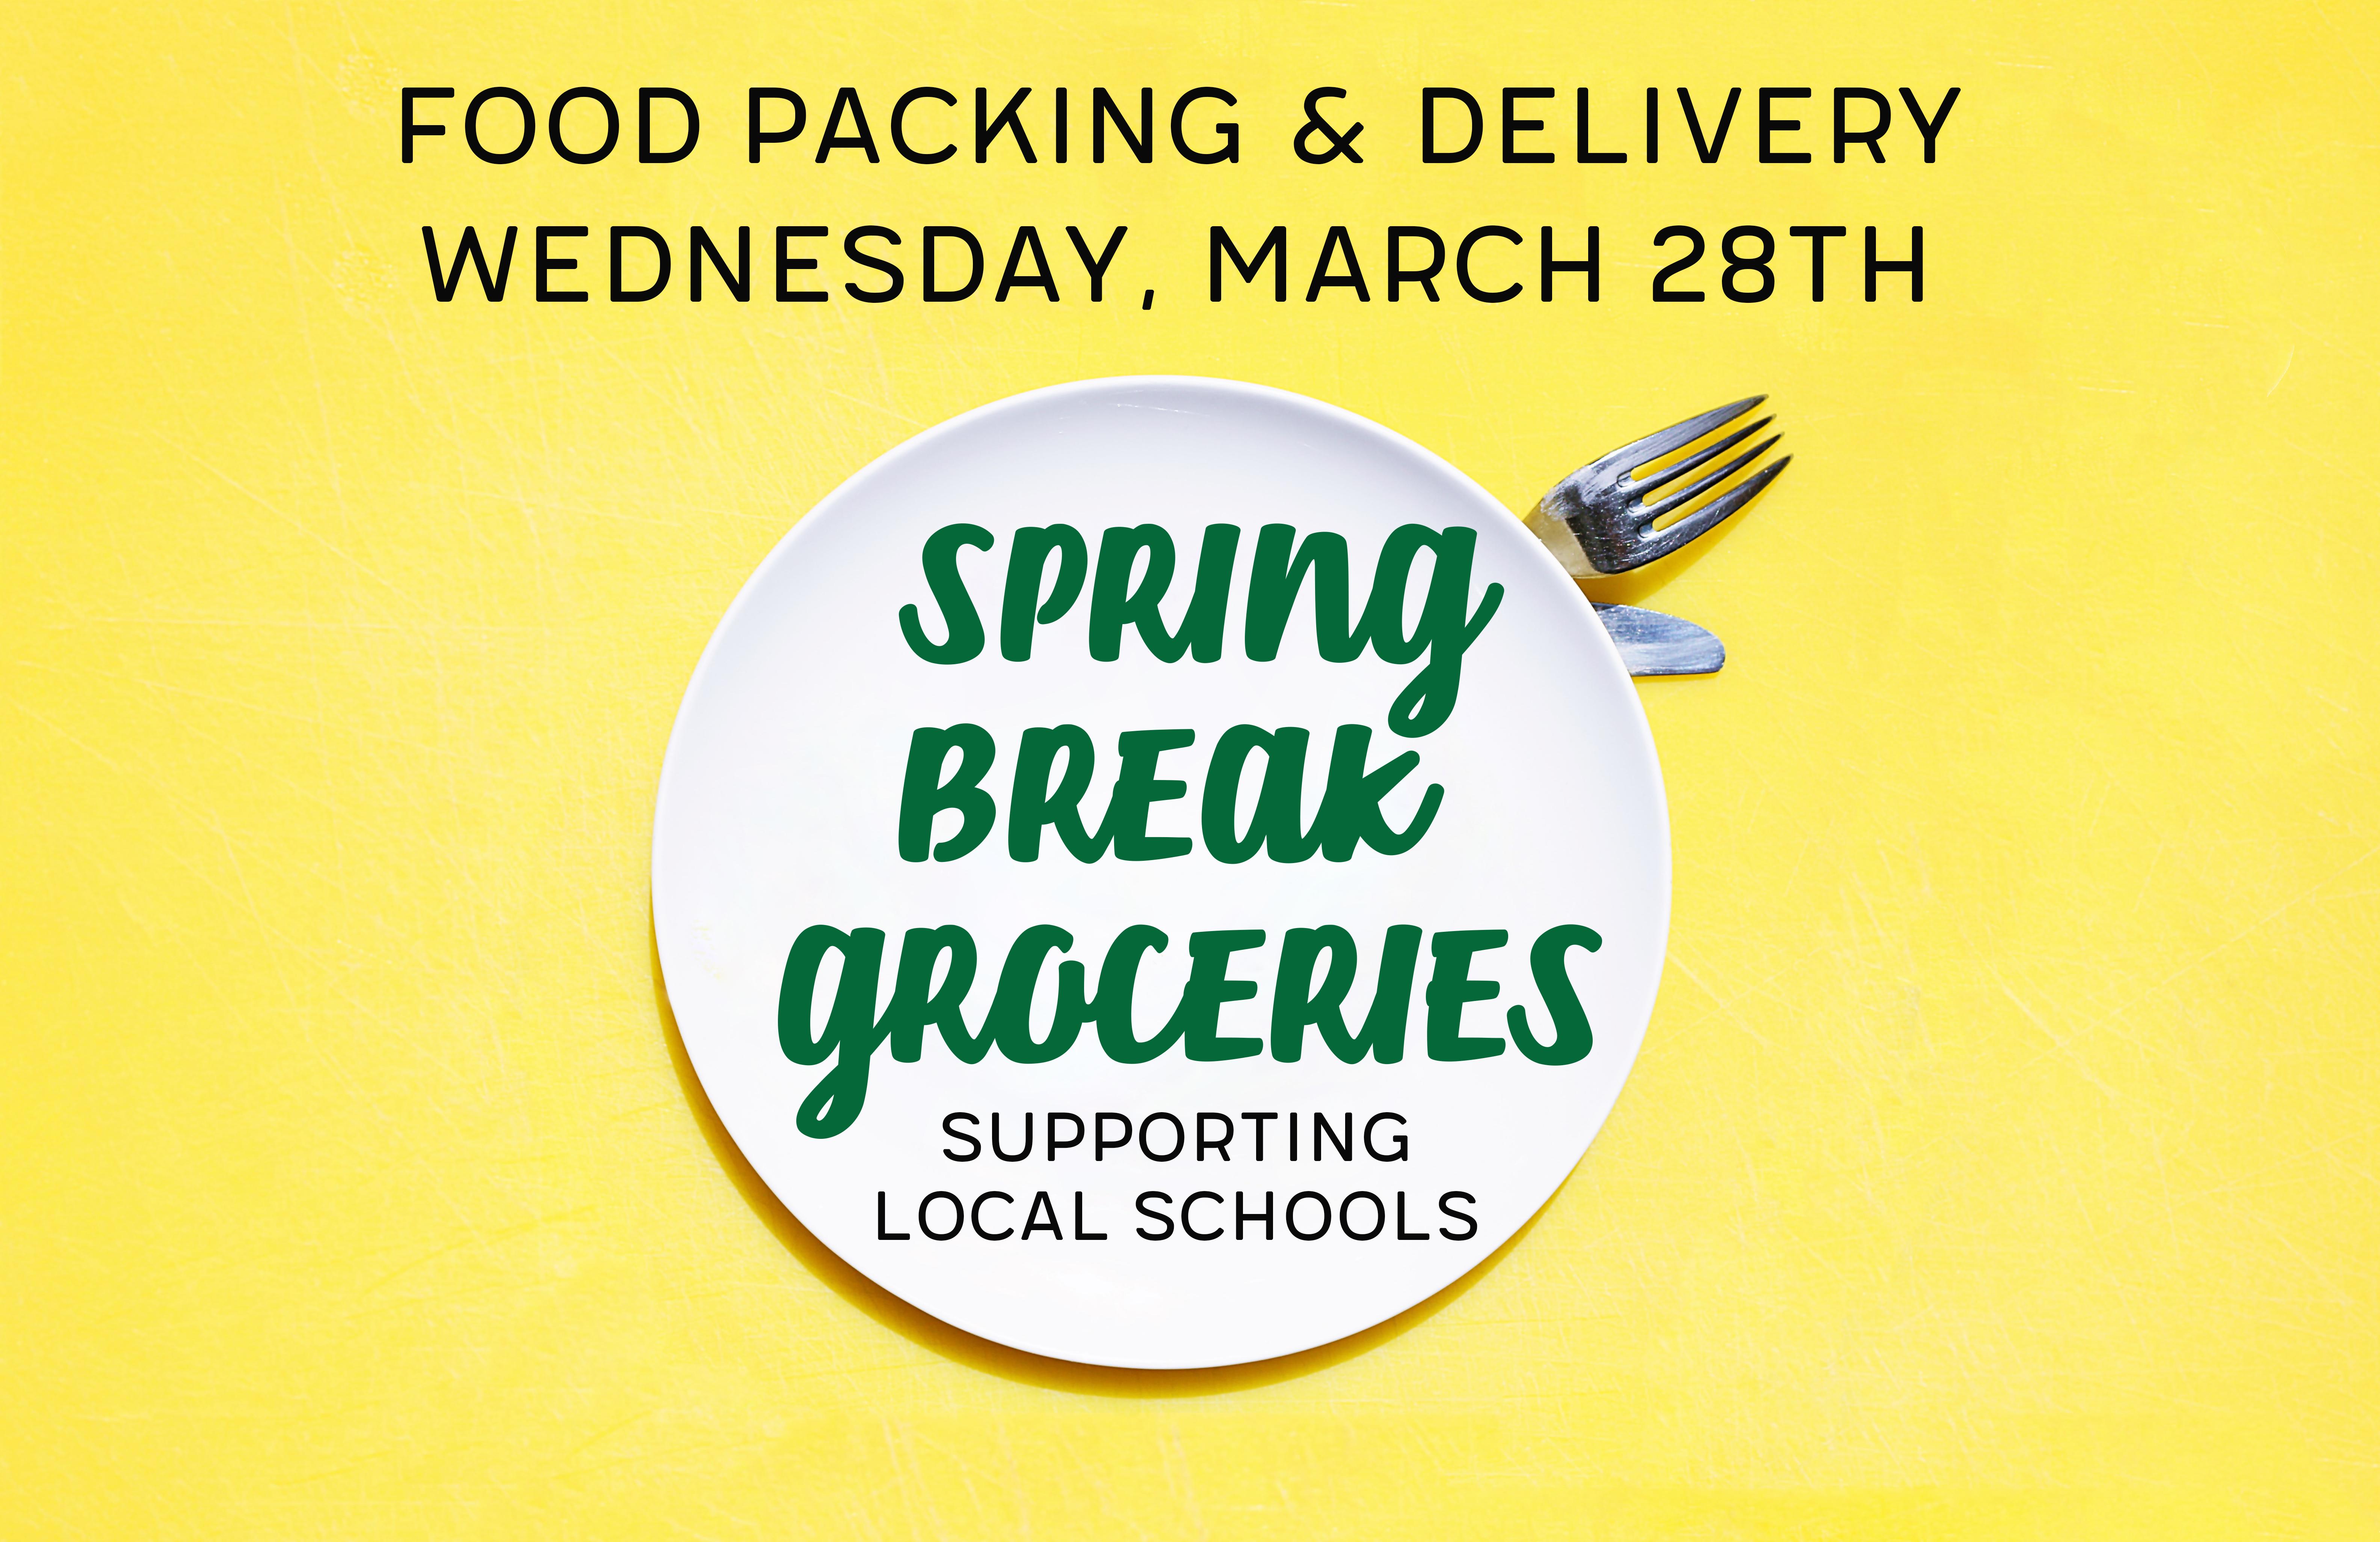 Spring break groceries slide